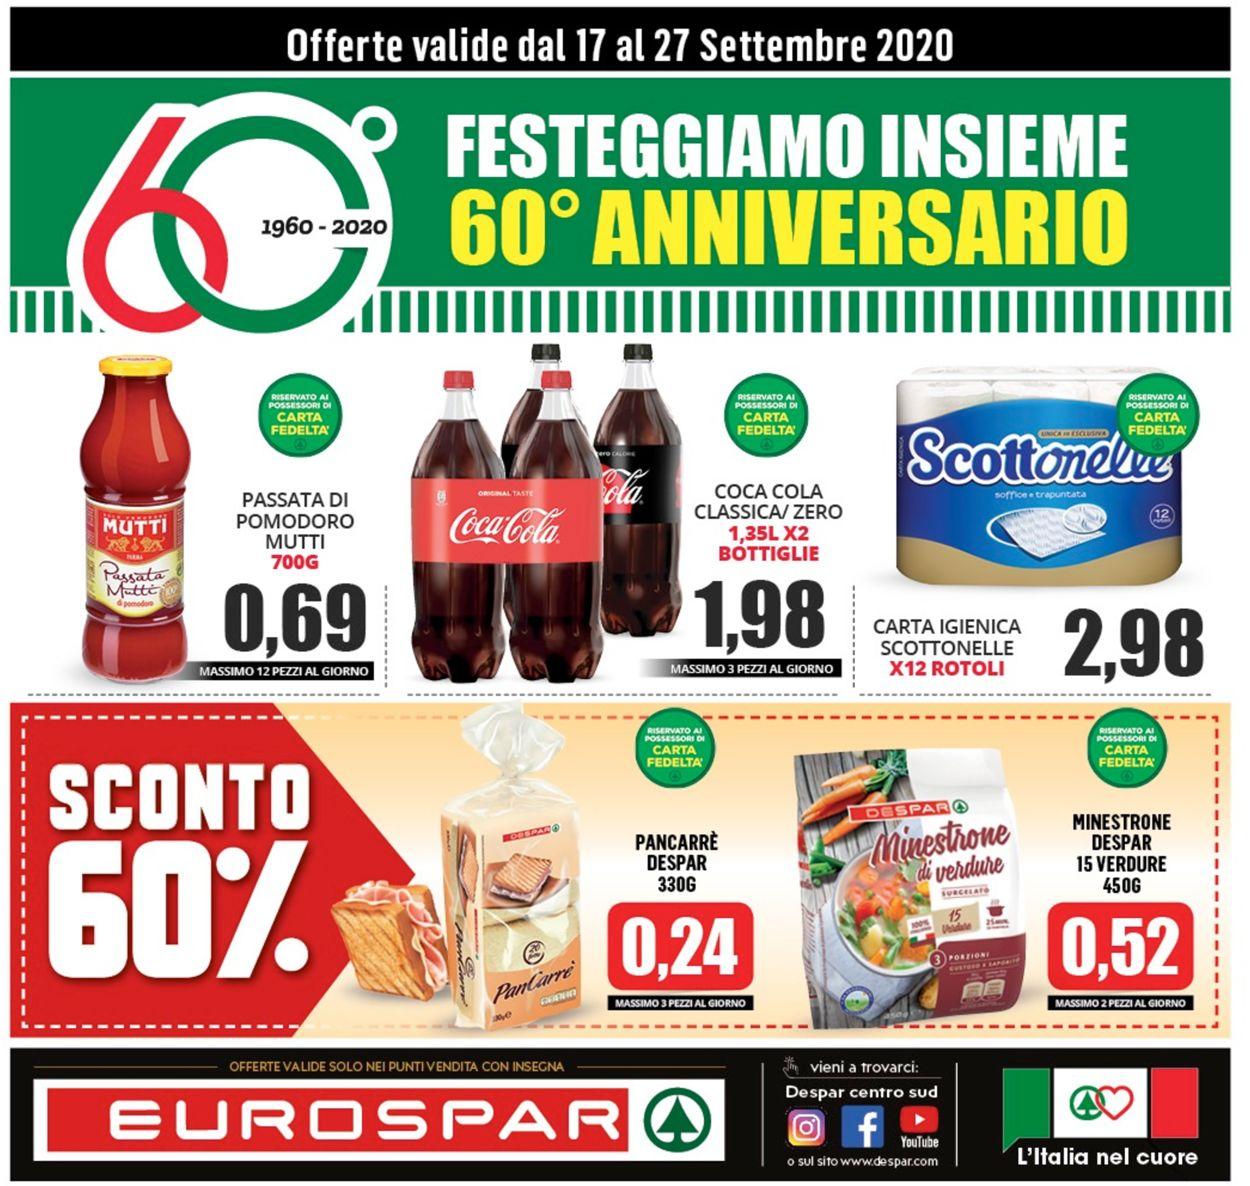 Volantino Eurospar - Offerte 16/09-27/09/2020